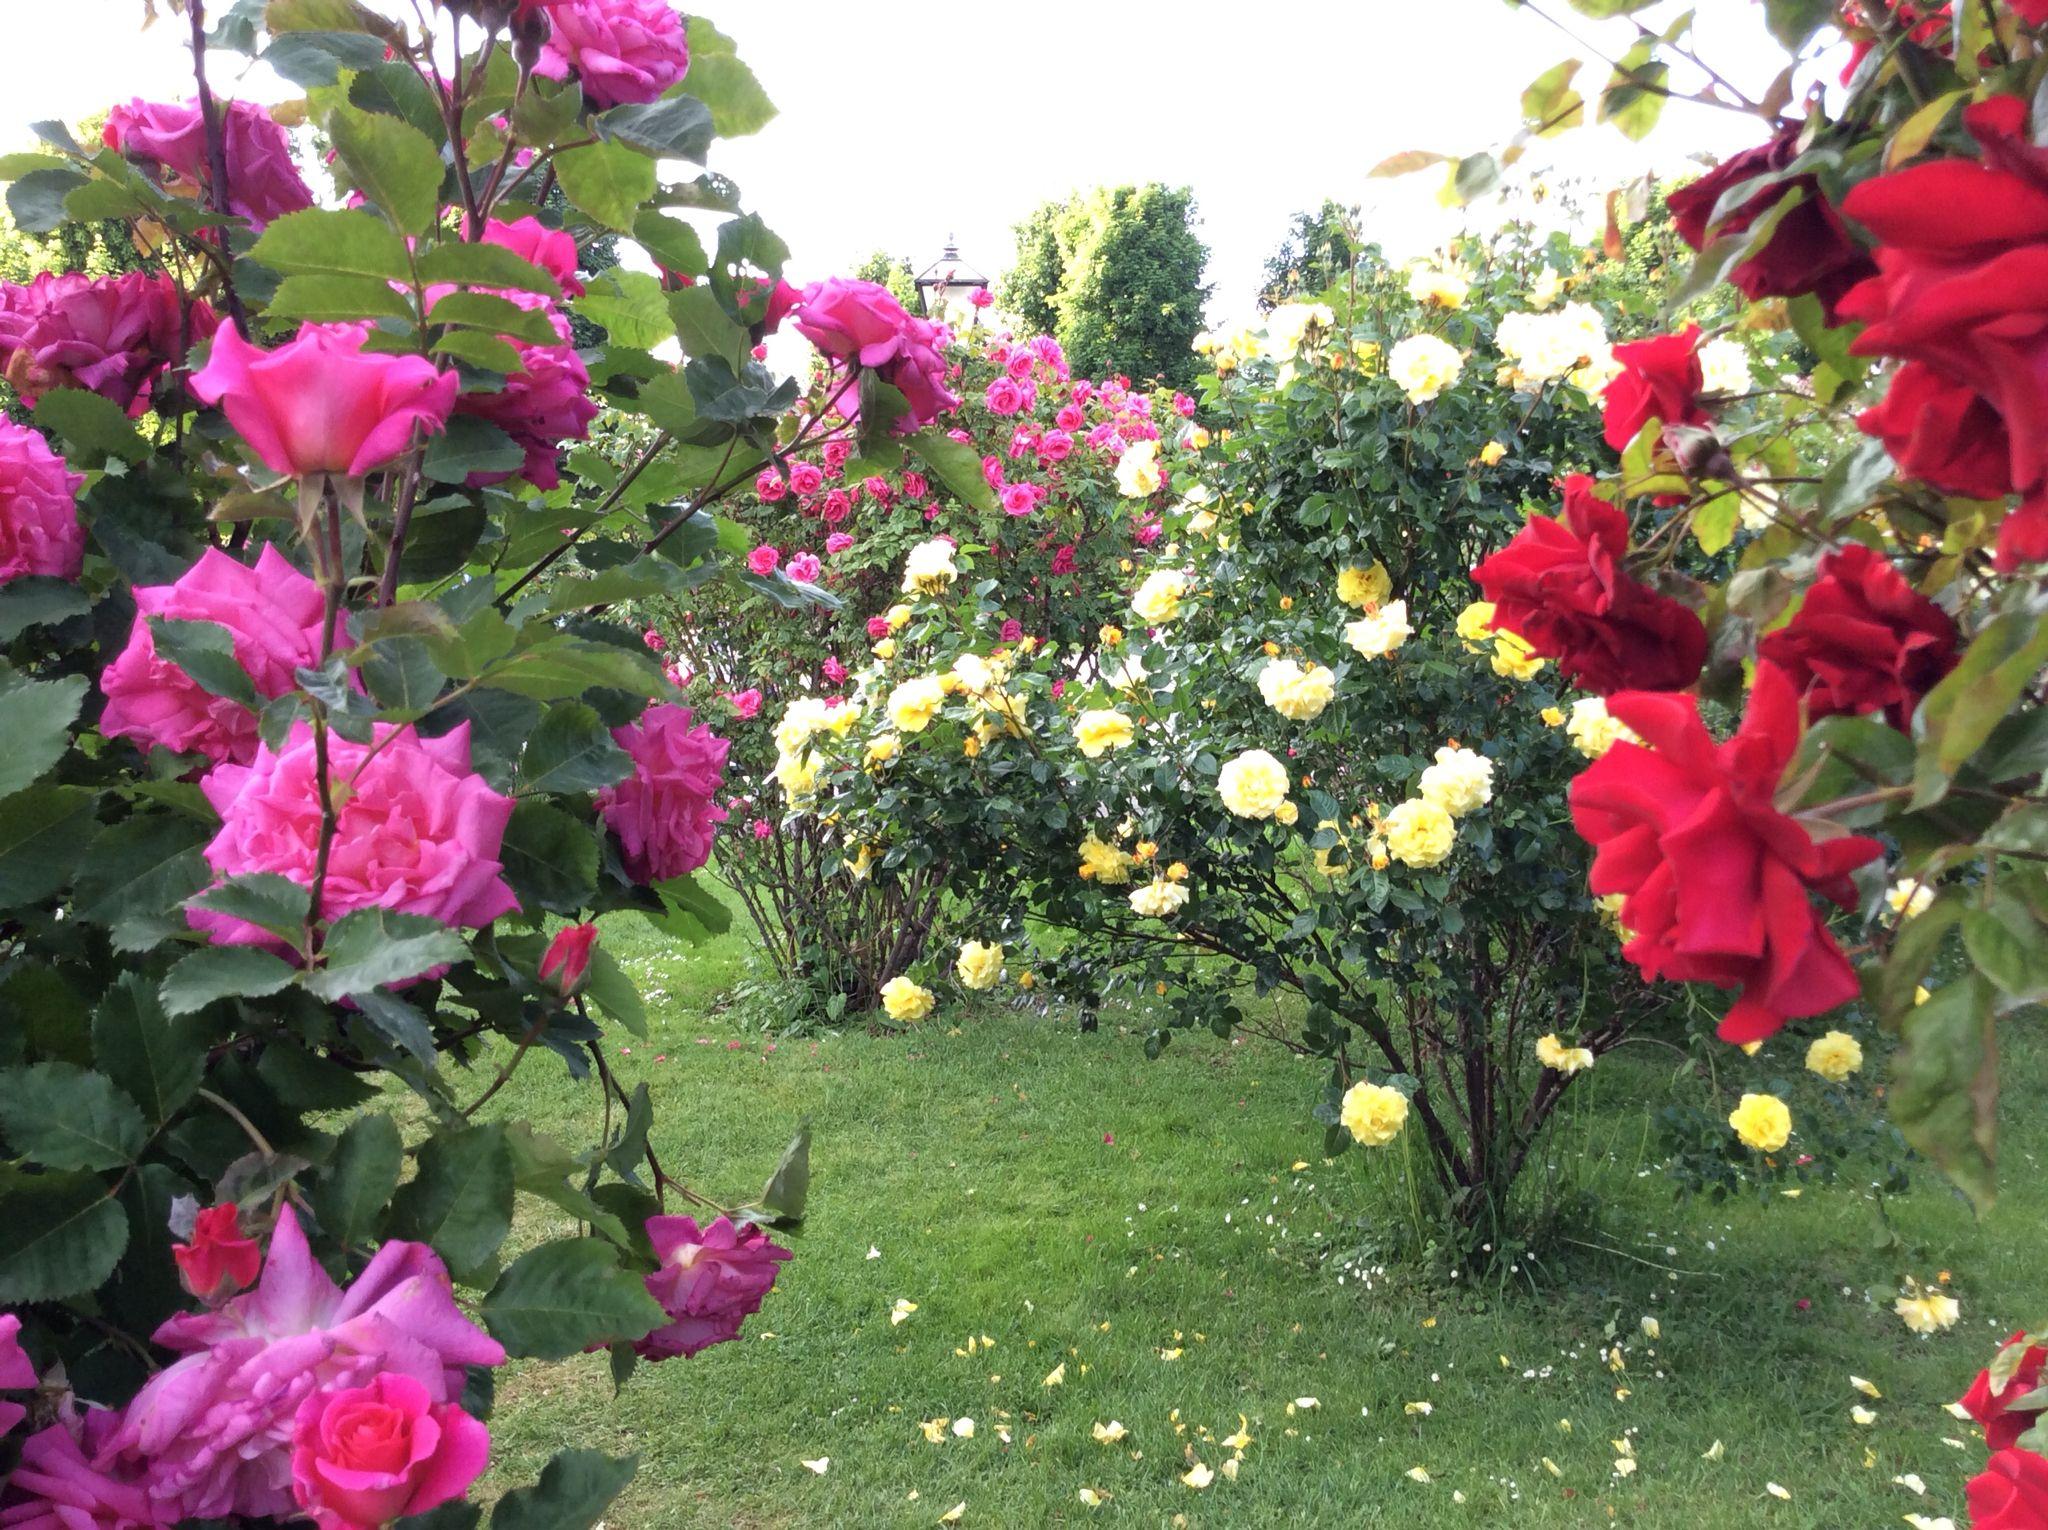 Cores nos jardins de Viena, Áustria